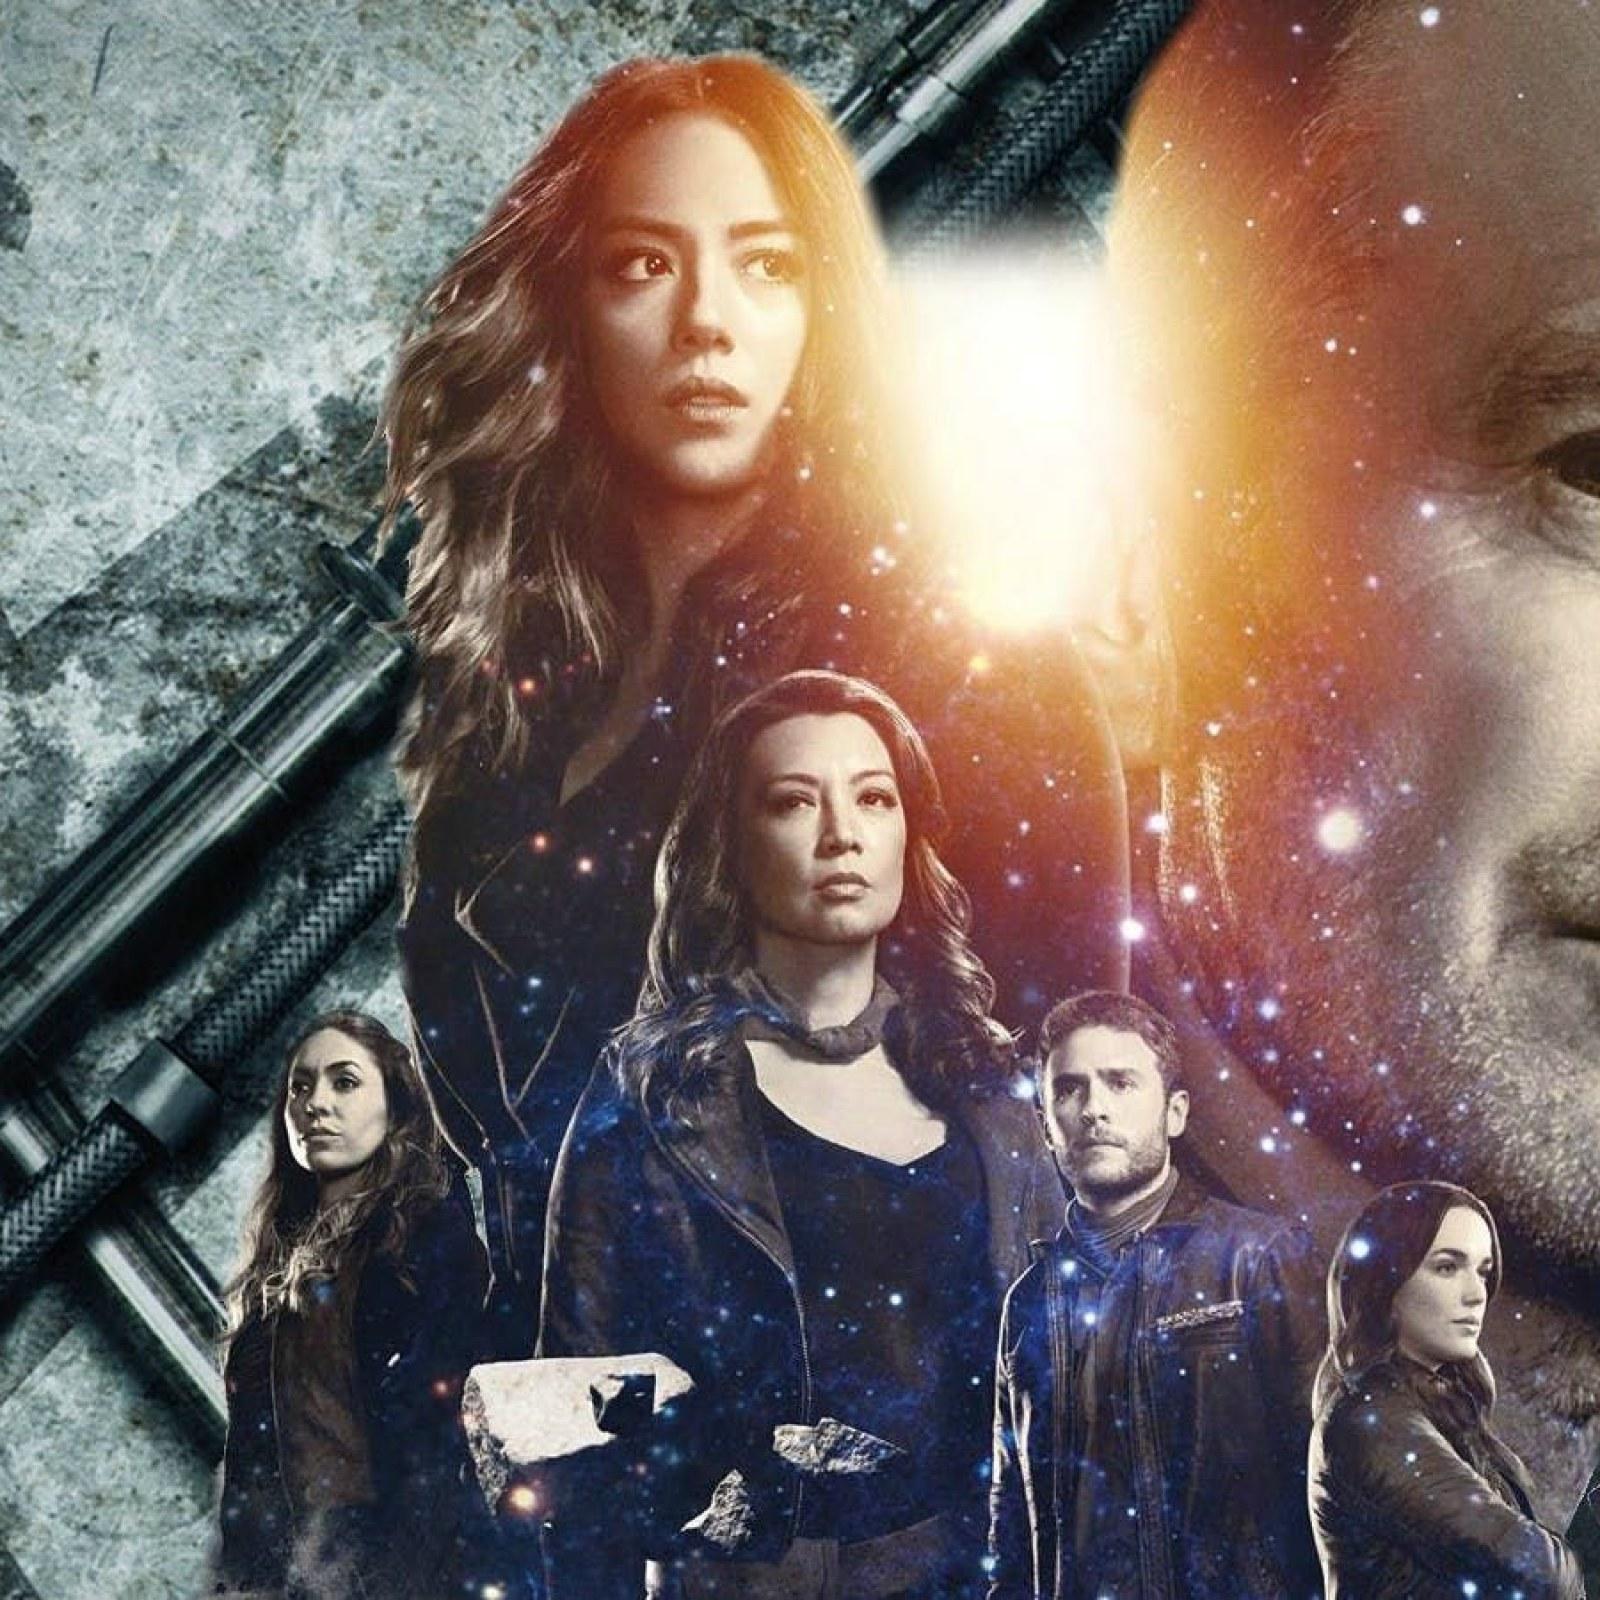 agents of shield season 5 episode 7 watch online free